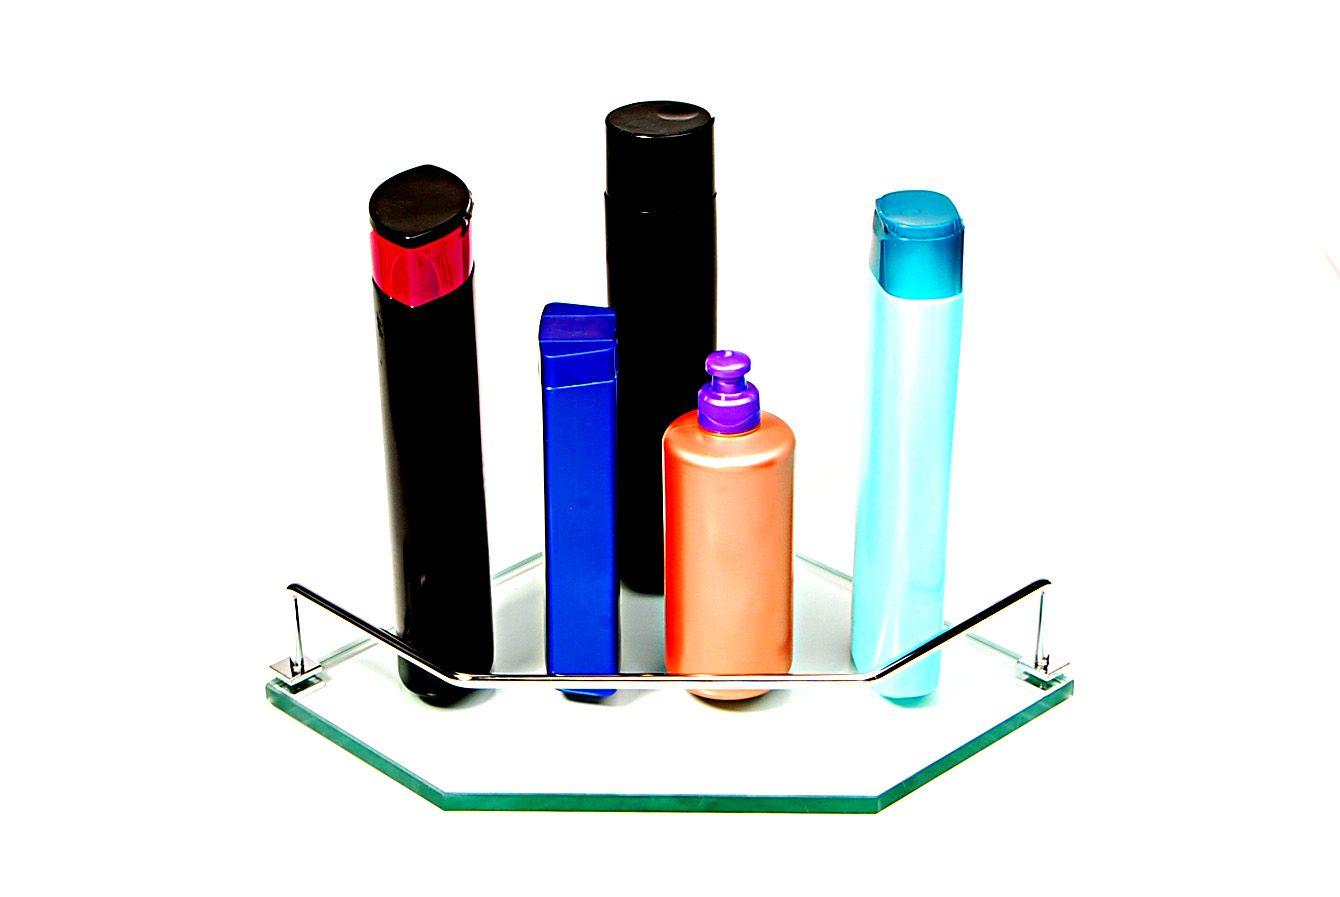 Porta Shampoo de Canto Reto em Vidro Incolor Lapidado - Aquabox  - 25cmx25cmx10mm